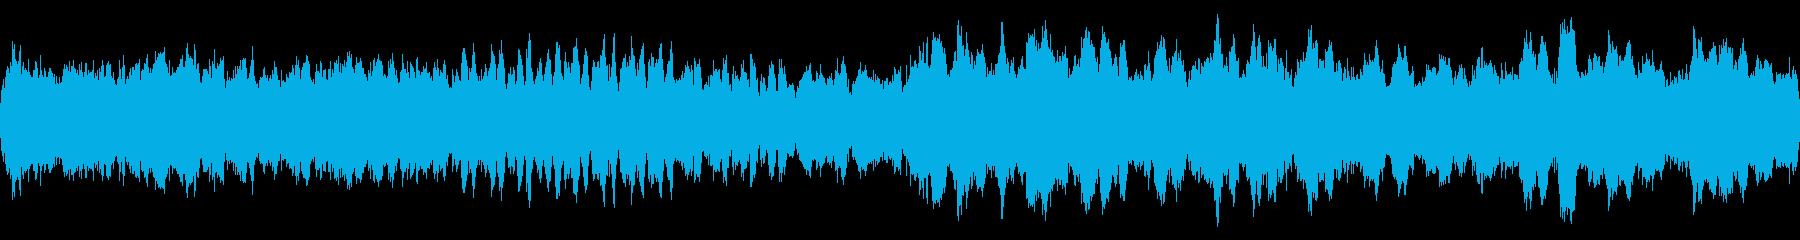 RPG向けオーケストラ曲『悲愴』の再生済みの波形